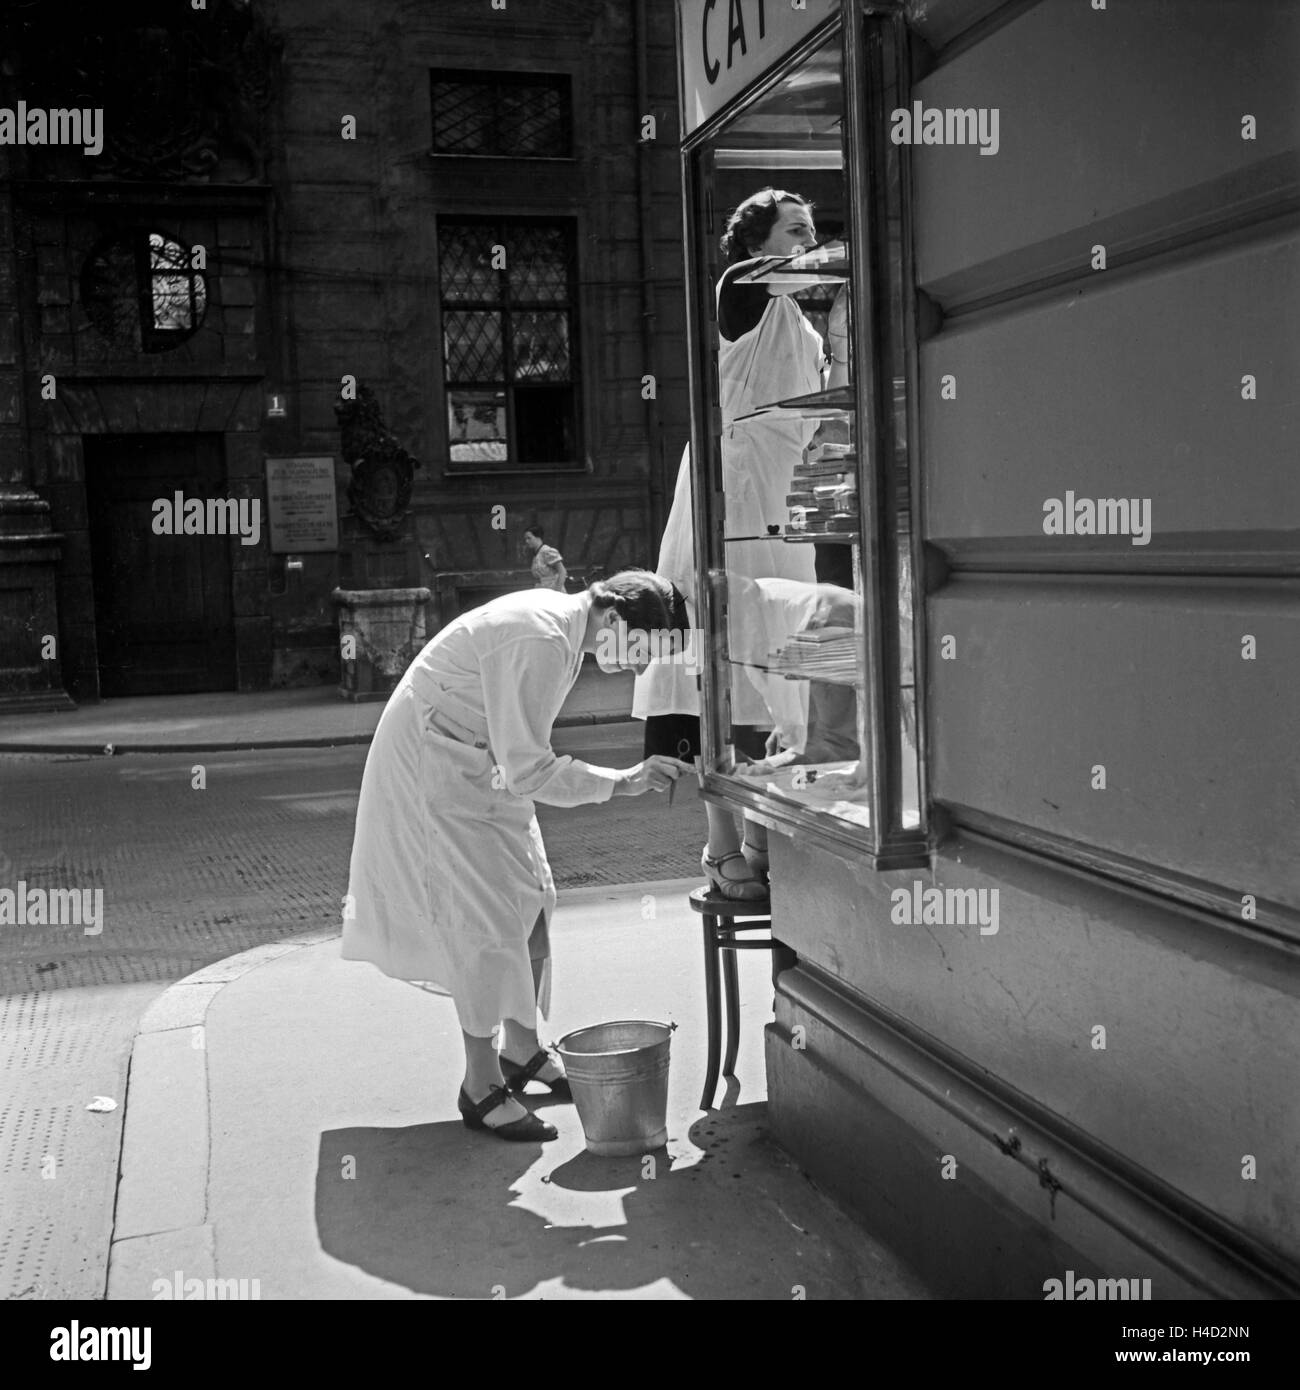 Zwei Angestellte eines Cafes einer Konditorei reinigen den Auslagen Glaskasten in Miesbach, Deutschland 1930er Jahre. Stock Photo